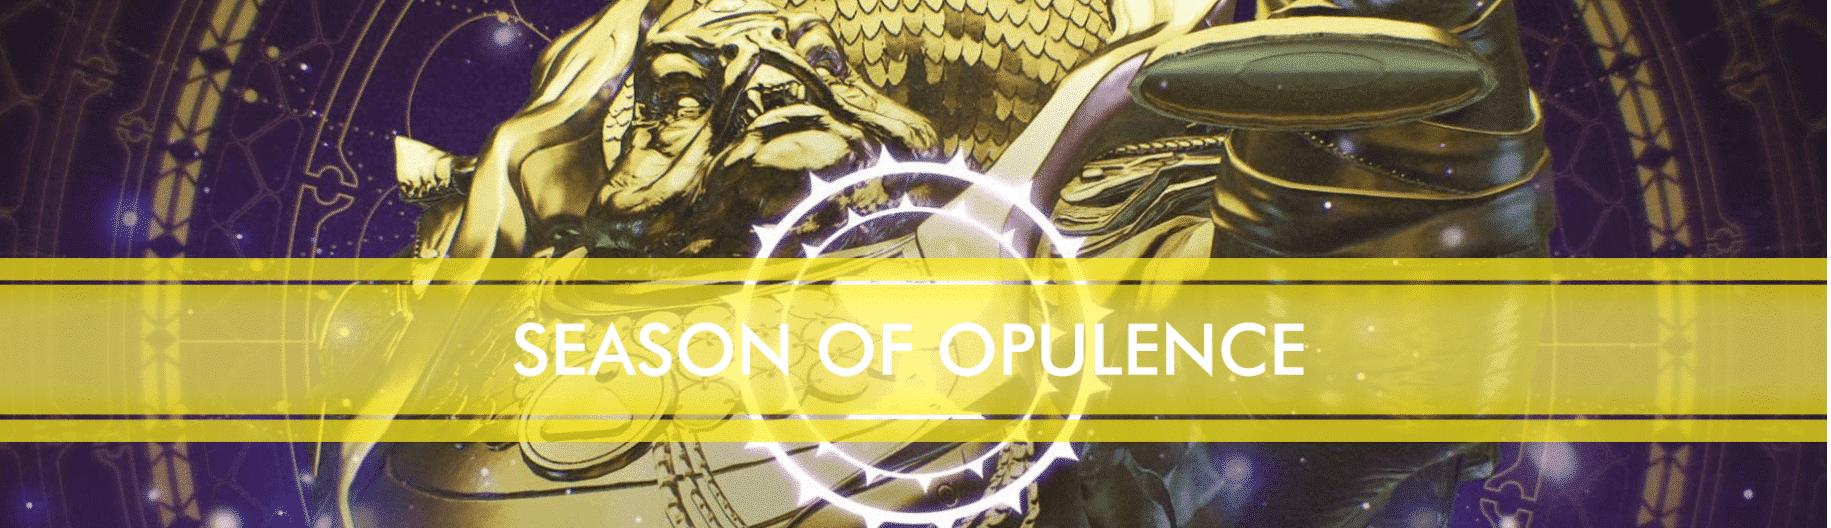 Season of Opulence